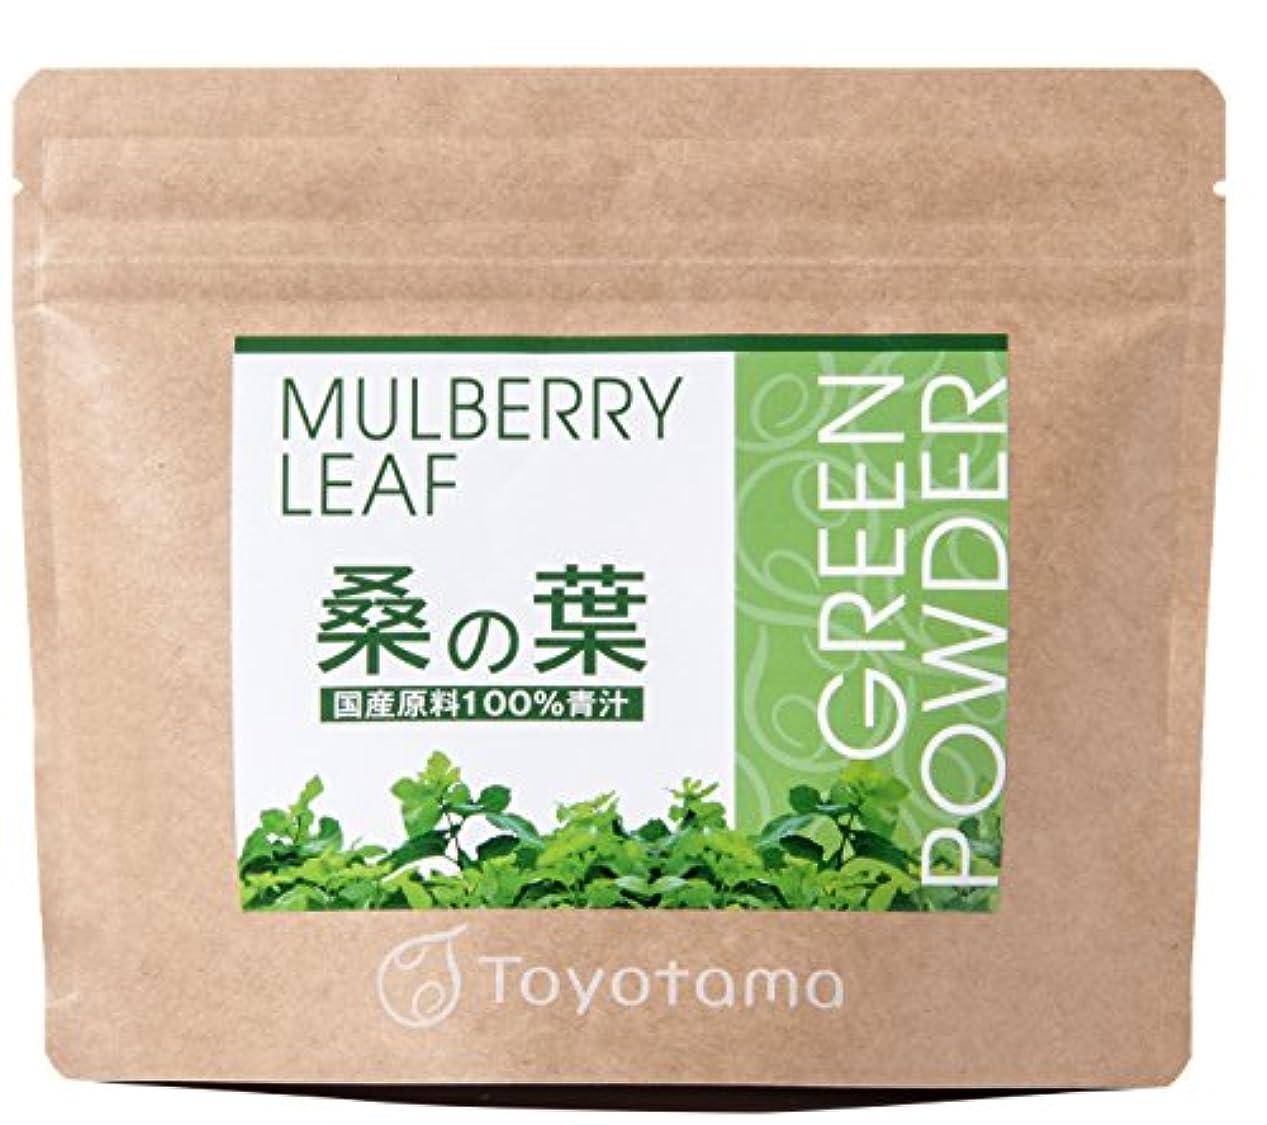 フェザーくびれた美的トヨタマ(TOYOTAMA) 国産桑の葉100%青汁 90g (約30回分) 無添加 ピュアパウダー 1096312